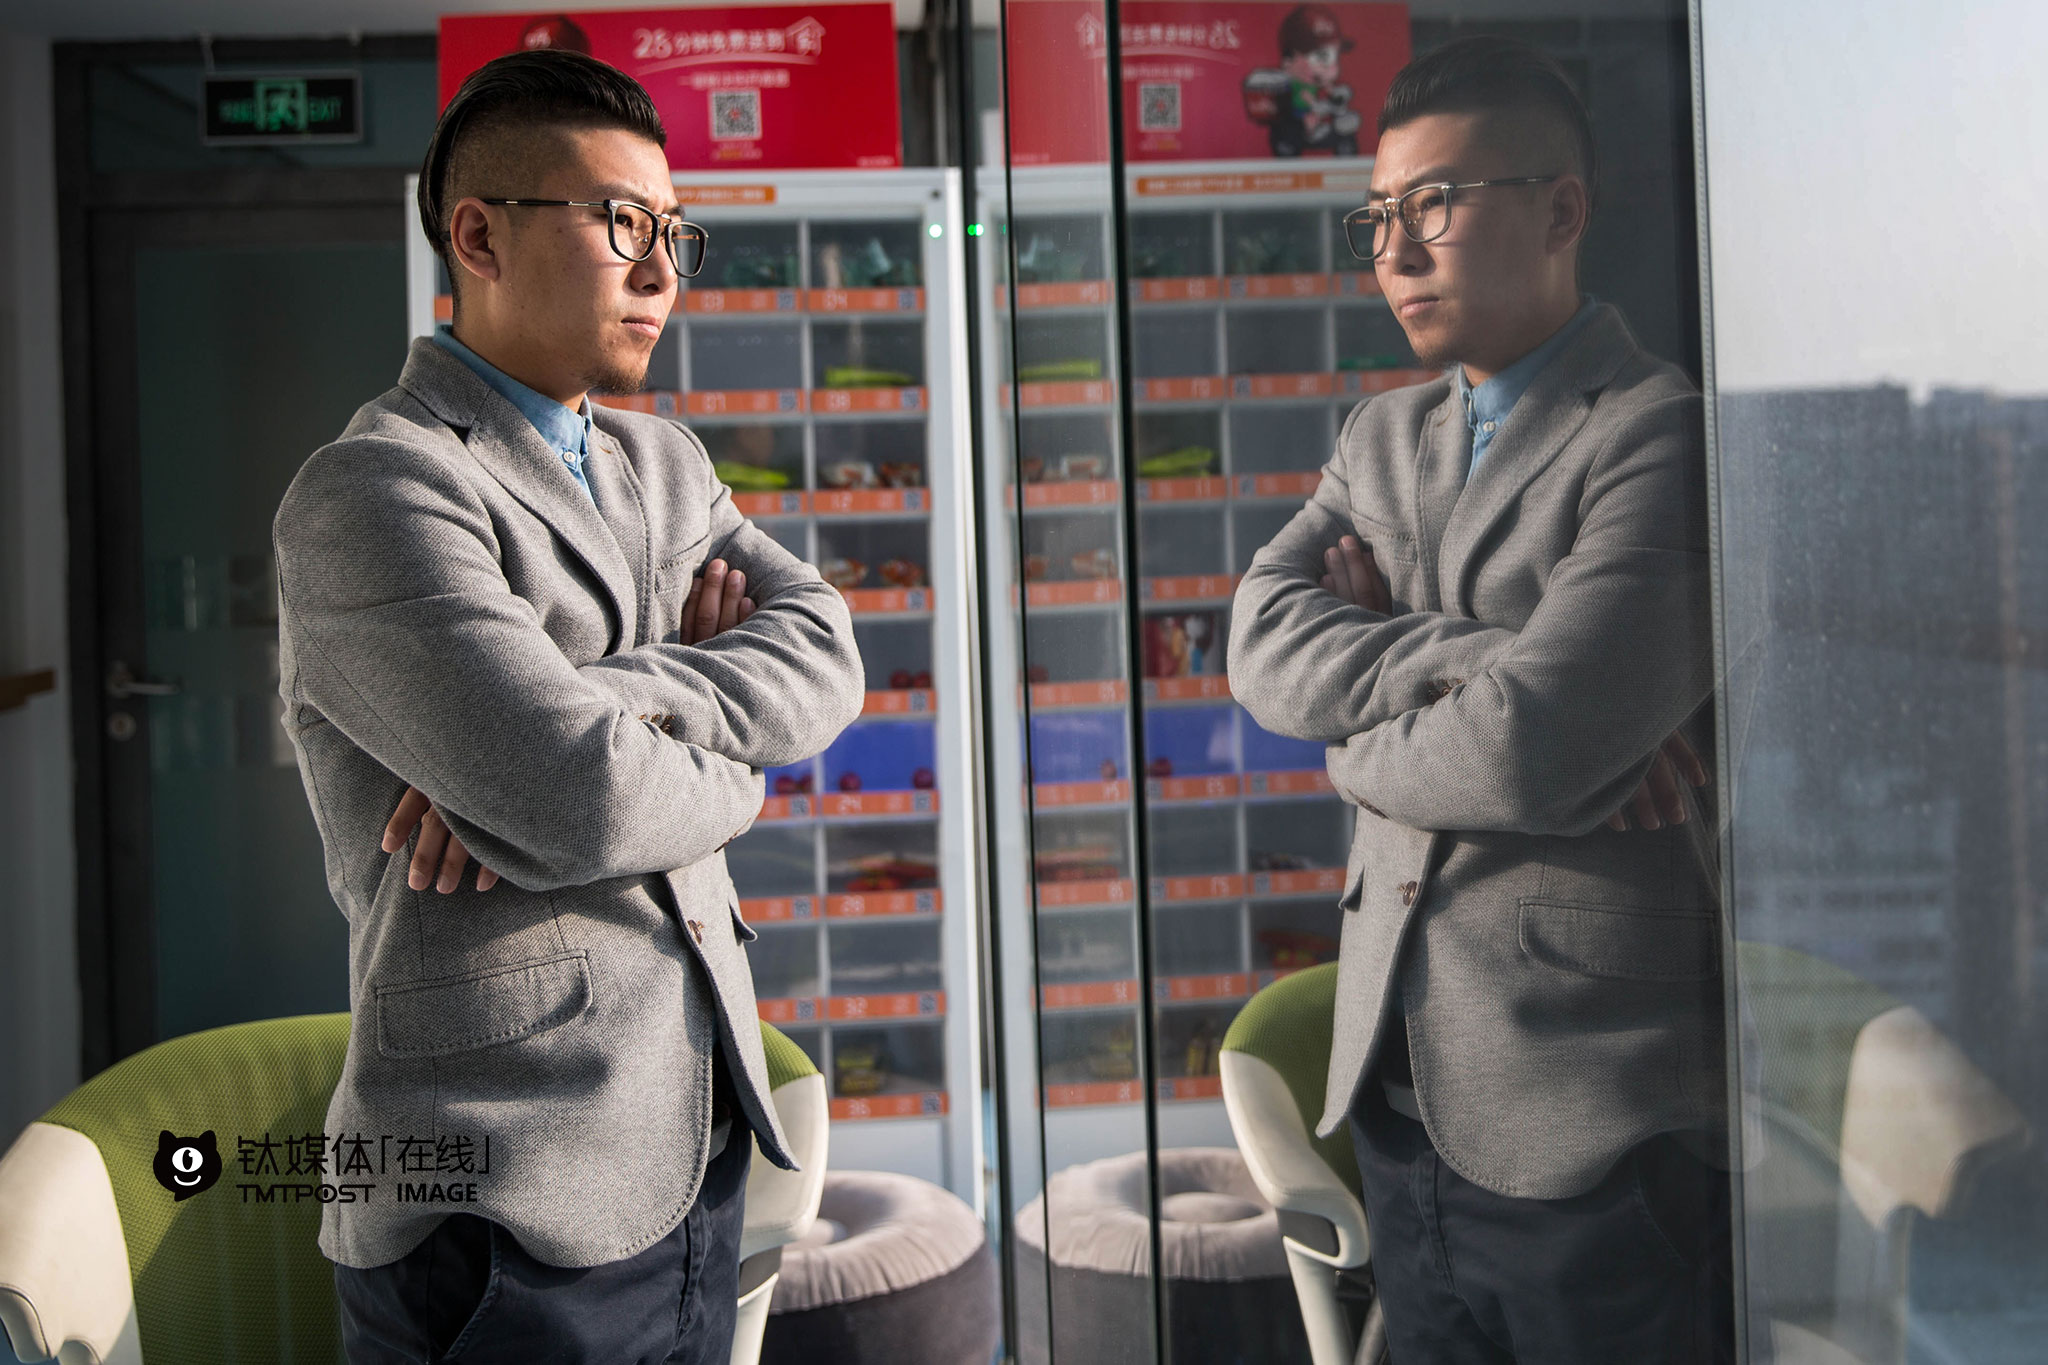 北京,冯腾俊(化名)在一家互联网公司休息区等待第二轮面试。他已打拼多年,两年前,他开始与人合伙创业,期间经历了创业成功带来的光环,也经历过市场的打击,赔进去自己多年的积累。在公司紧锣密鼓谋求转型的时候,母亲病了要做大手术,怀孕的妻子身体不佳也需要照顾,他退出了公司,选择照顾家庭。困难慢慢过去,他现在想要在互联网公司找一份市场、渠道方面的稳定工作,继续学习,继续照顾好家人。